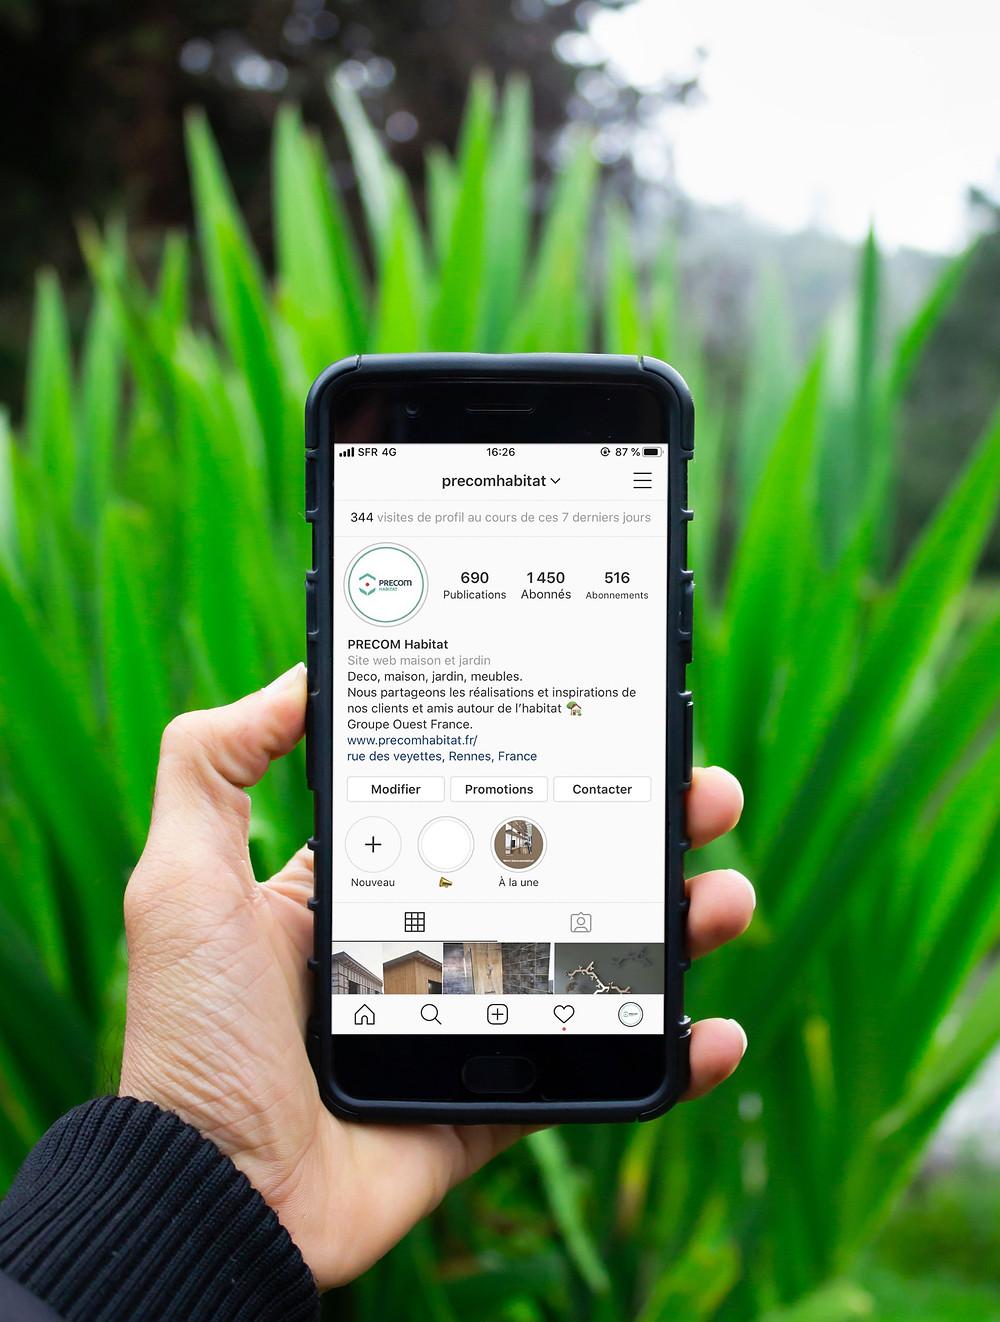 Comment se faire connaitre sur les réseaux sociaux, sur Instagram. Astuces Instagram, stratégie de communication idéale